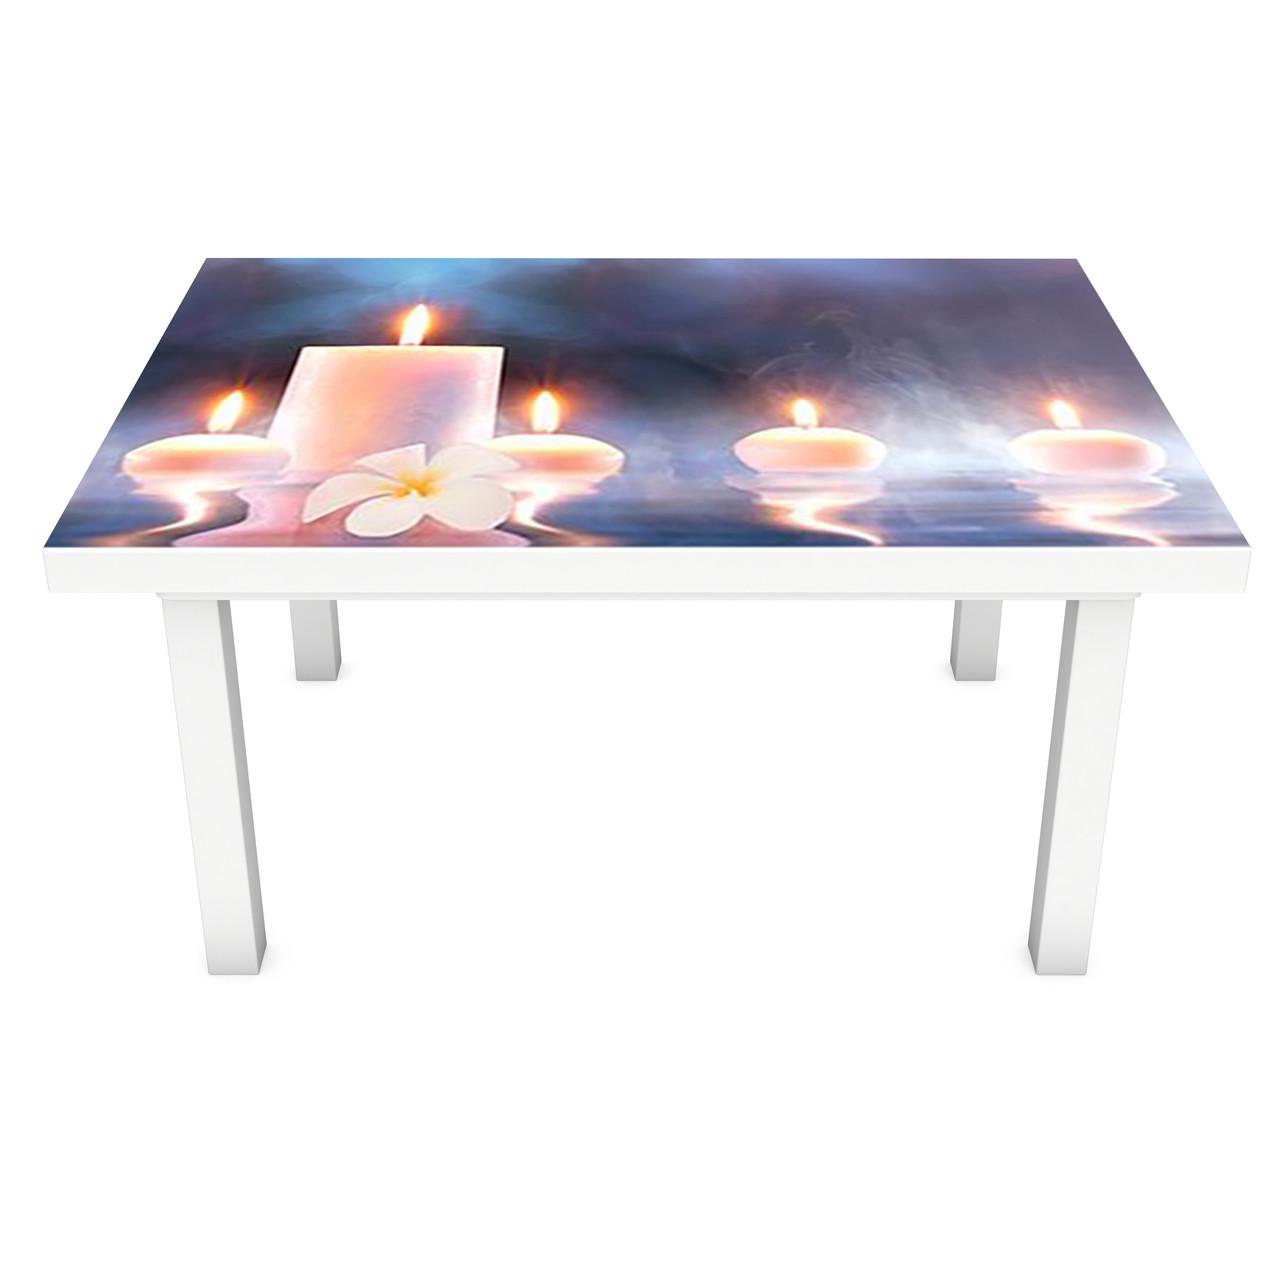 Наклейка на стол Свечи огни (3Д виниловая пленка ПВХ) цветы Абстракция Синий 600*1200 мм